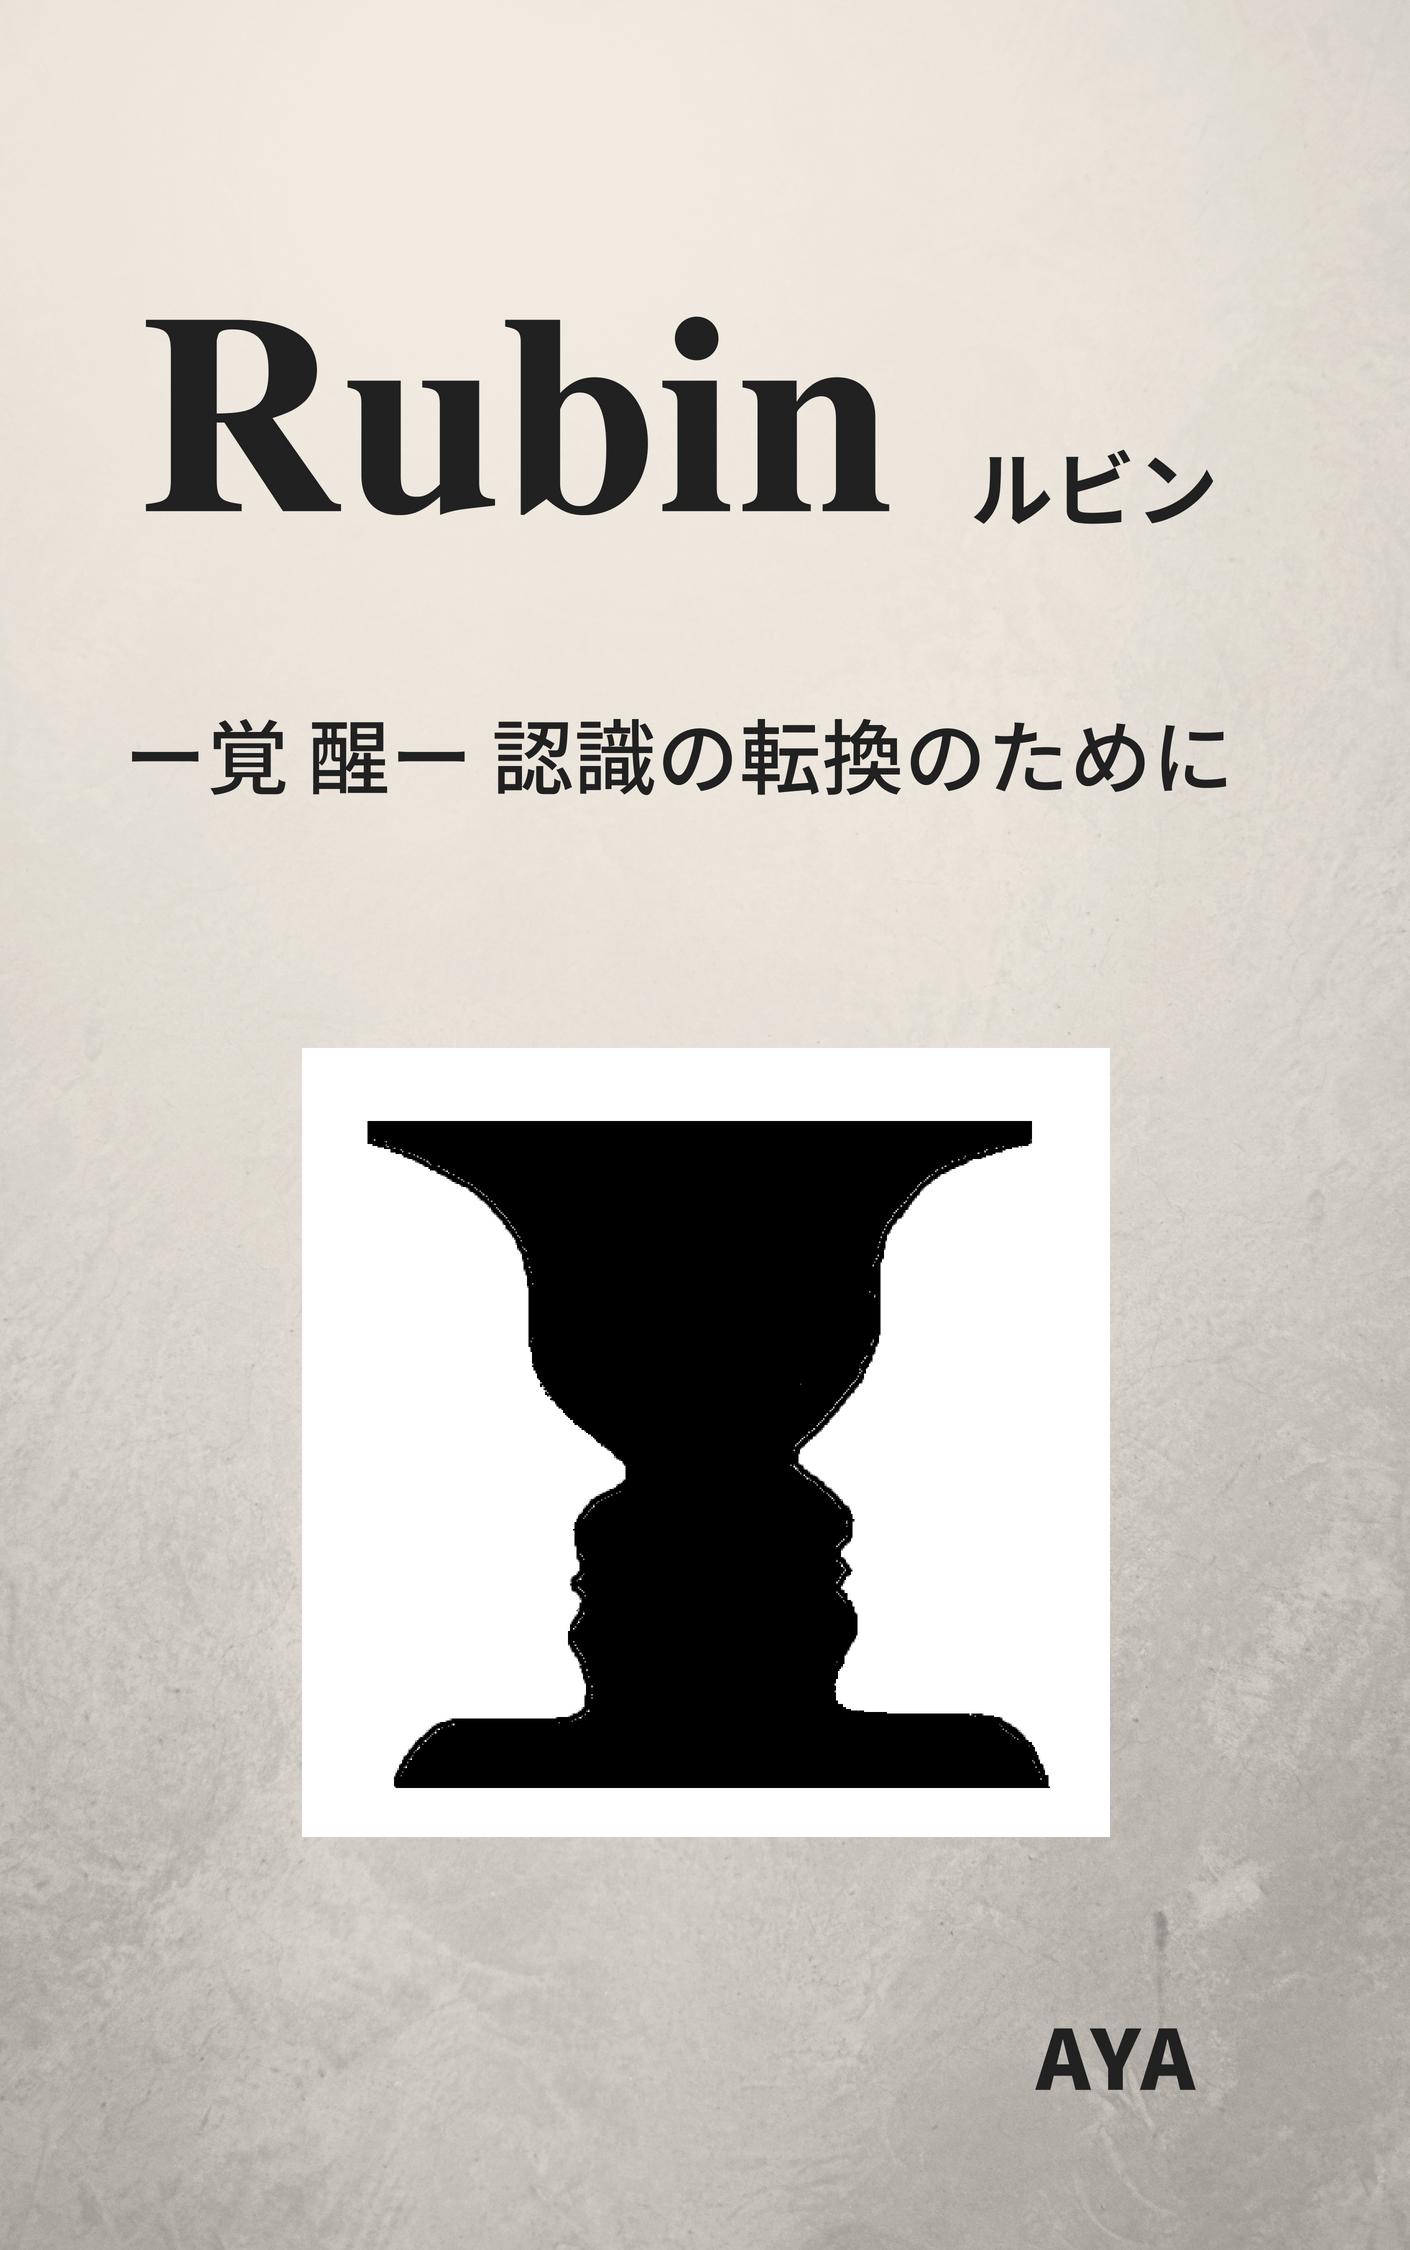 Rubin.jpg